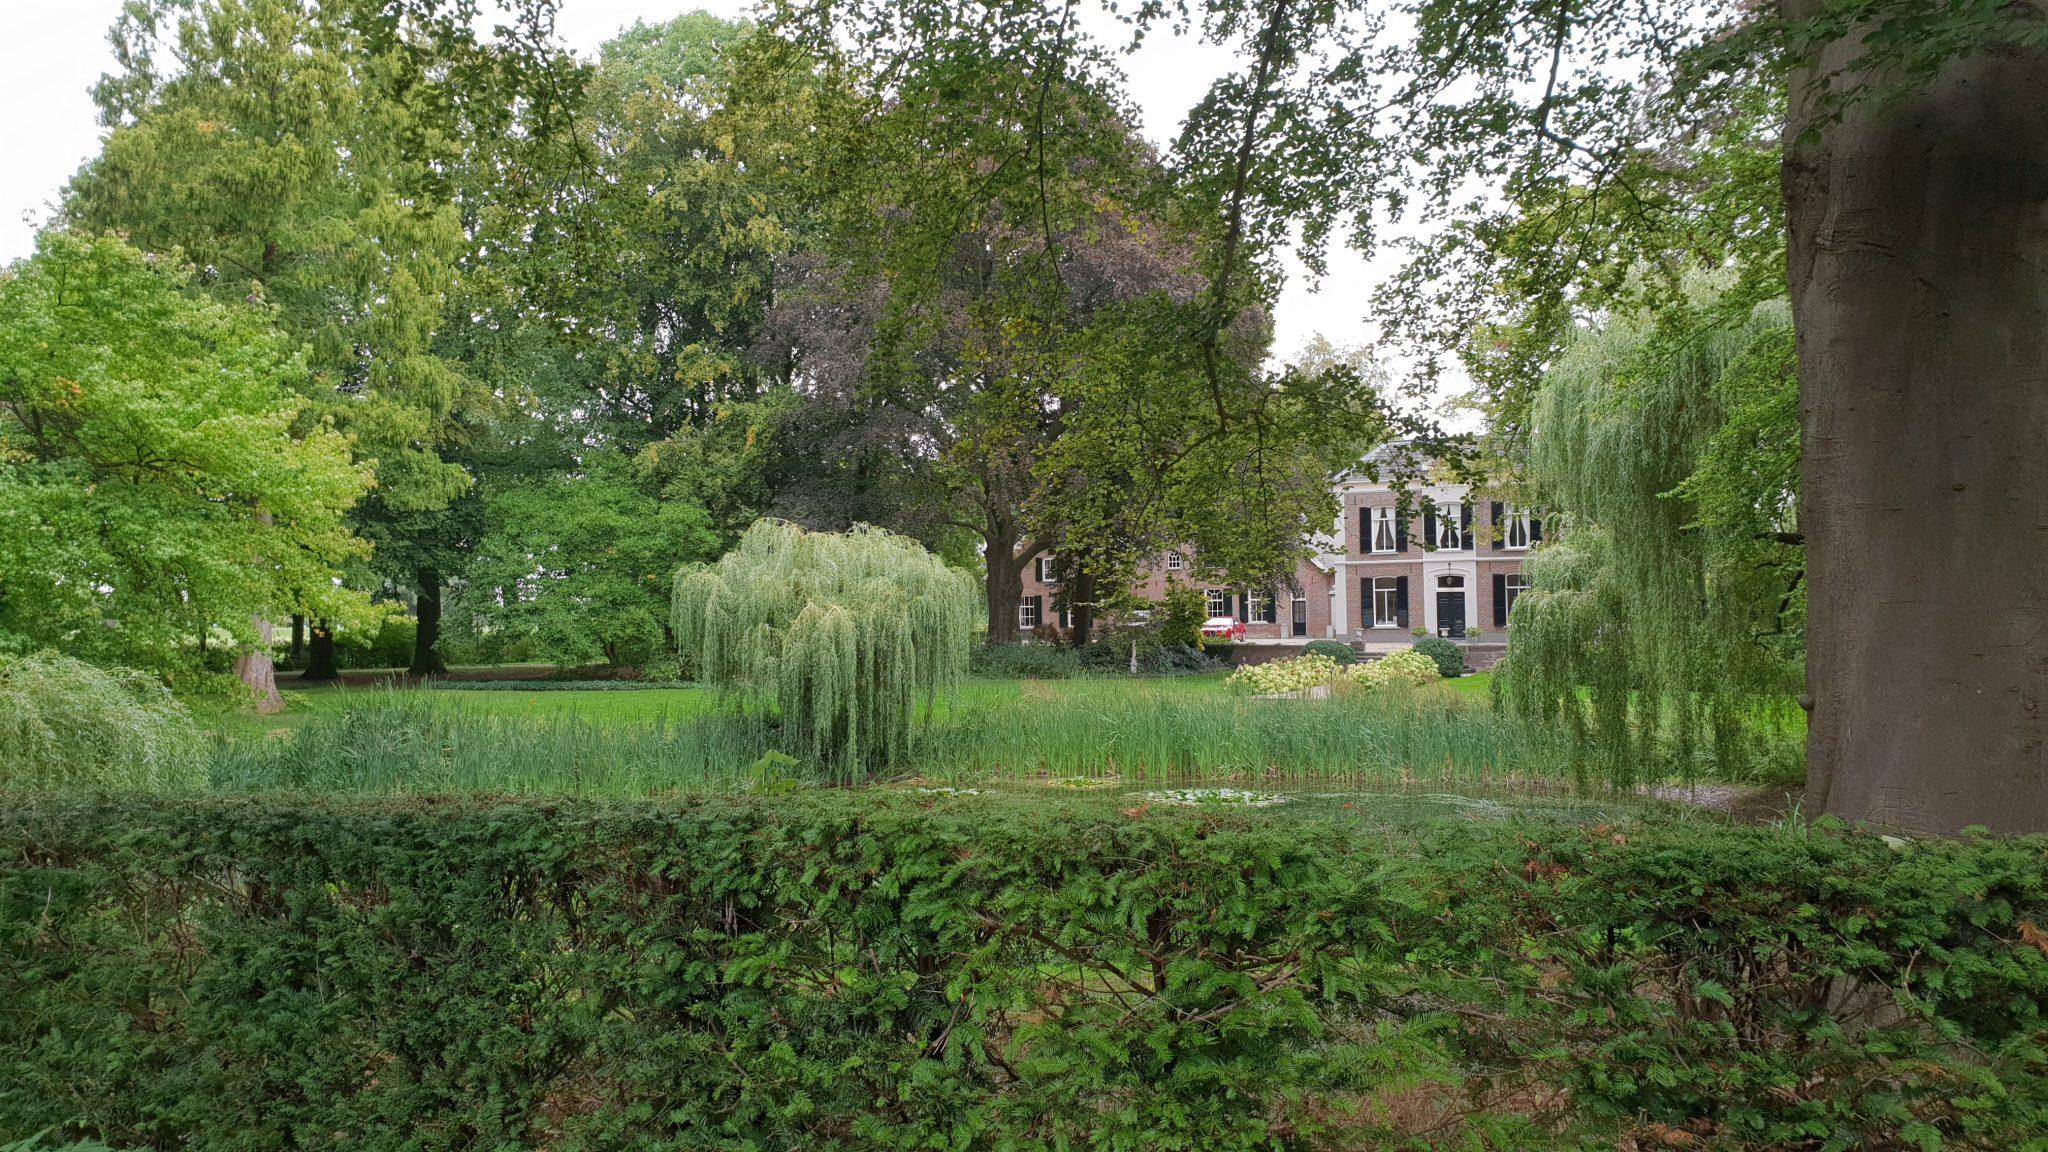 Een huis langs de weg naar de veerboot naar Bronkhorst. Toerist